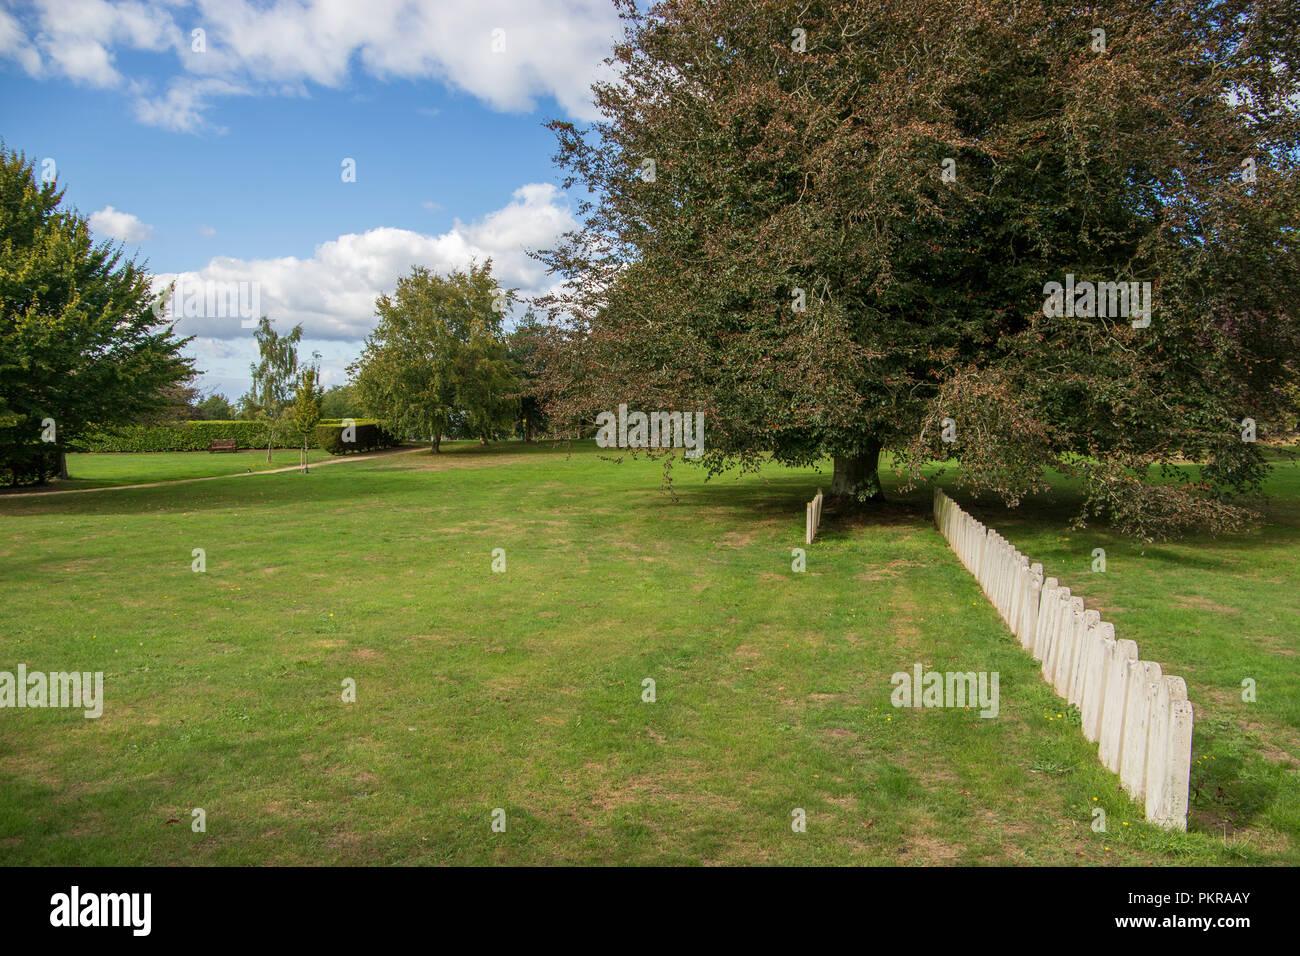 The 1942 Bath Air Raid Graves at Haycombe Cemetery, Bath